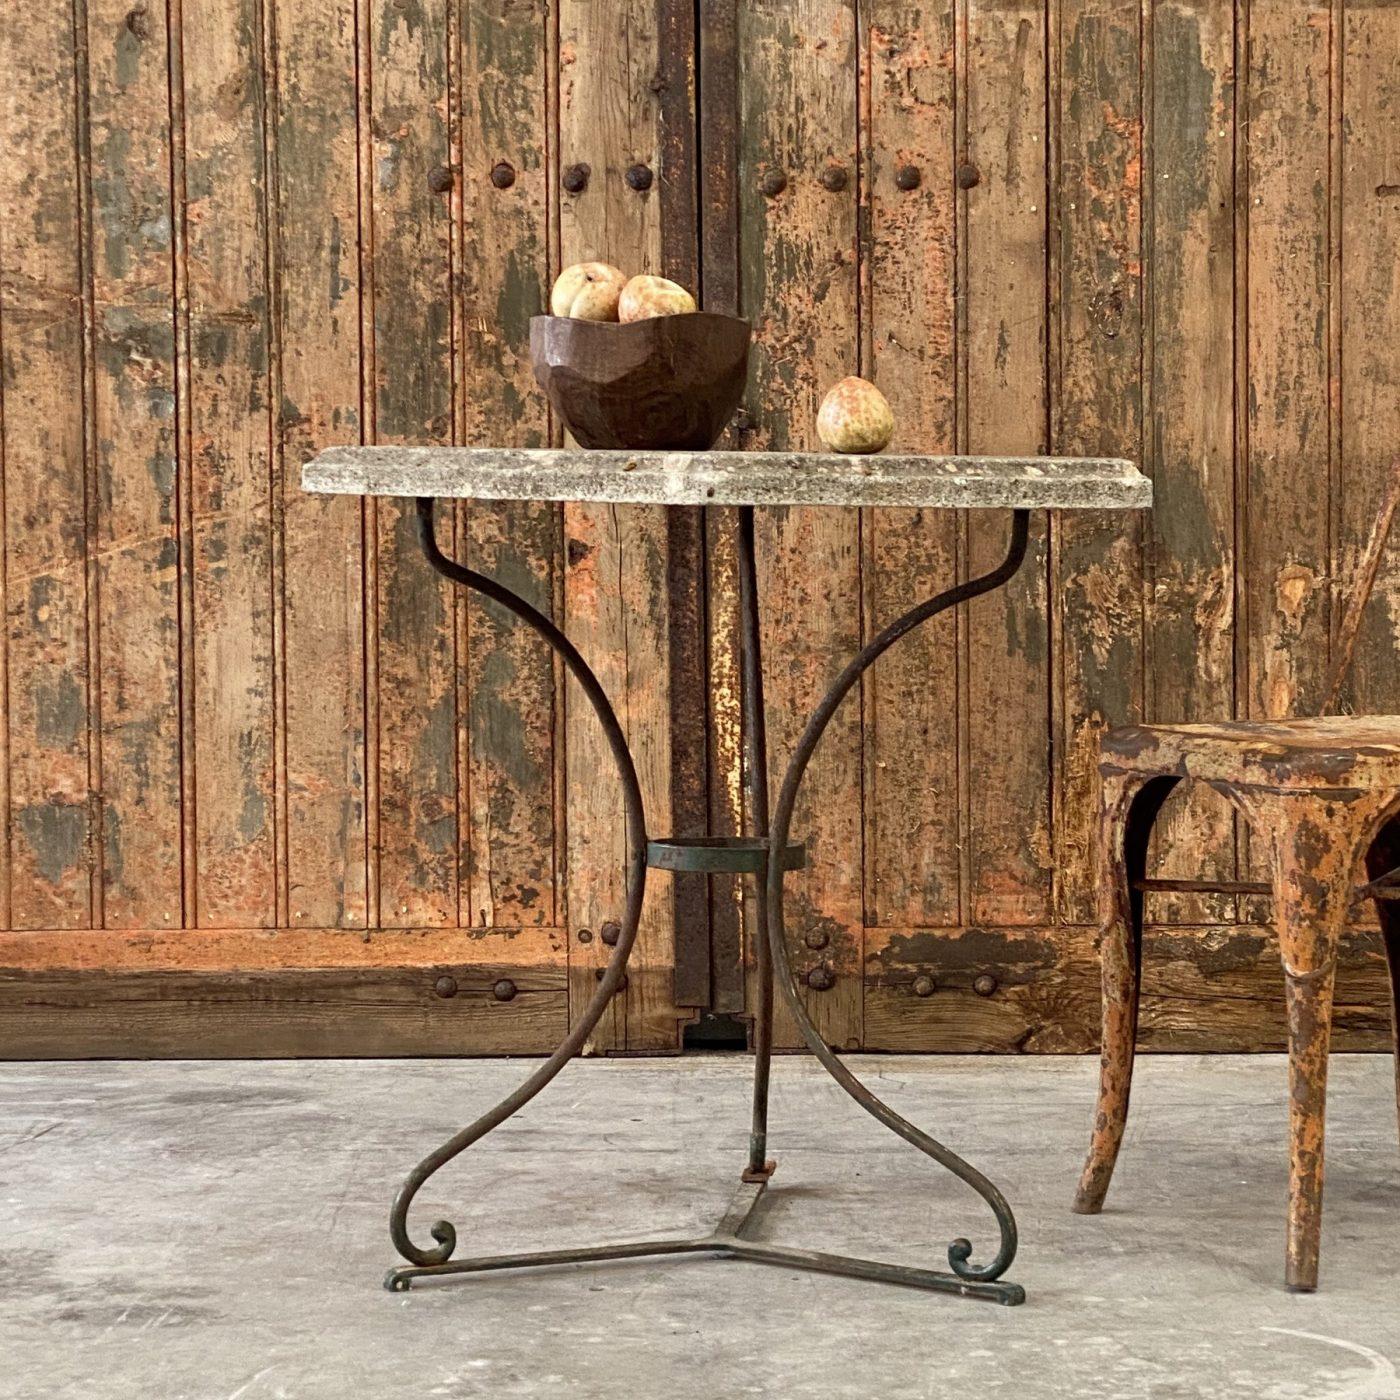 objet-vagabond-bistrot-table0003